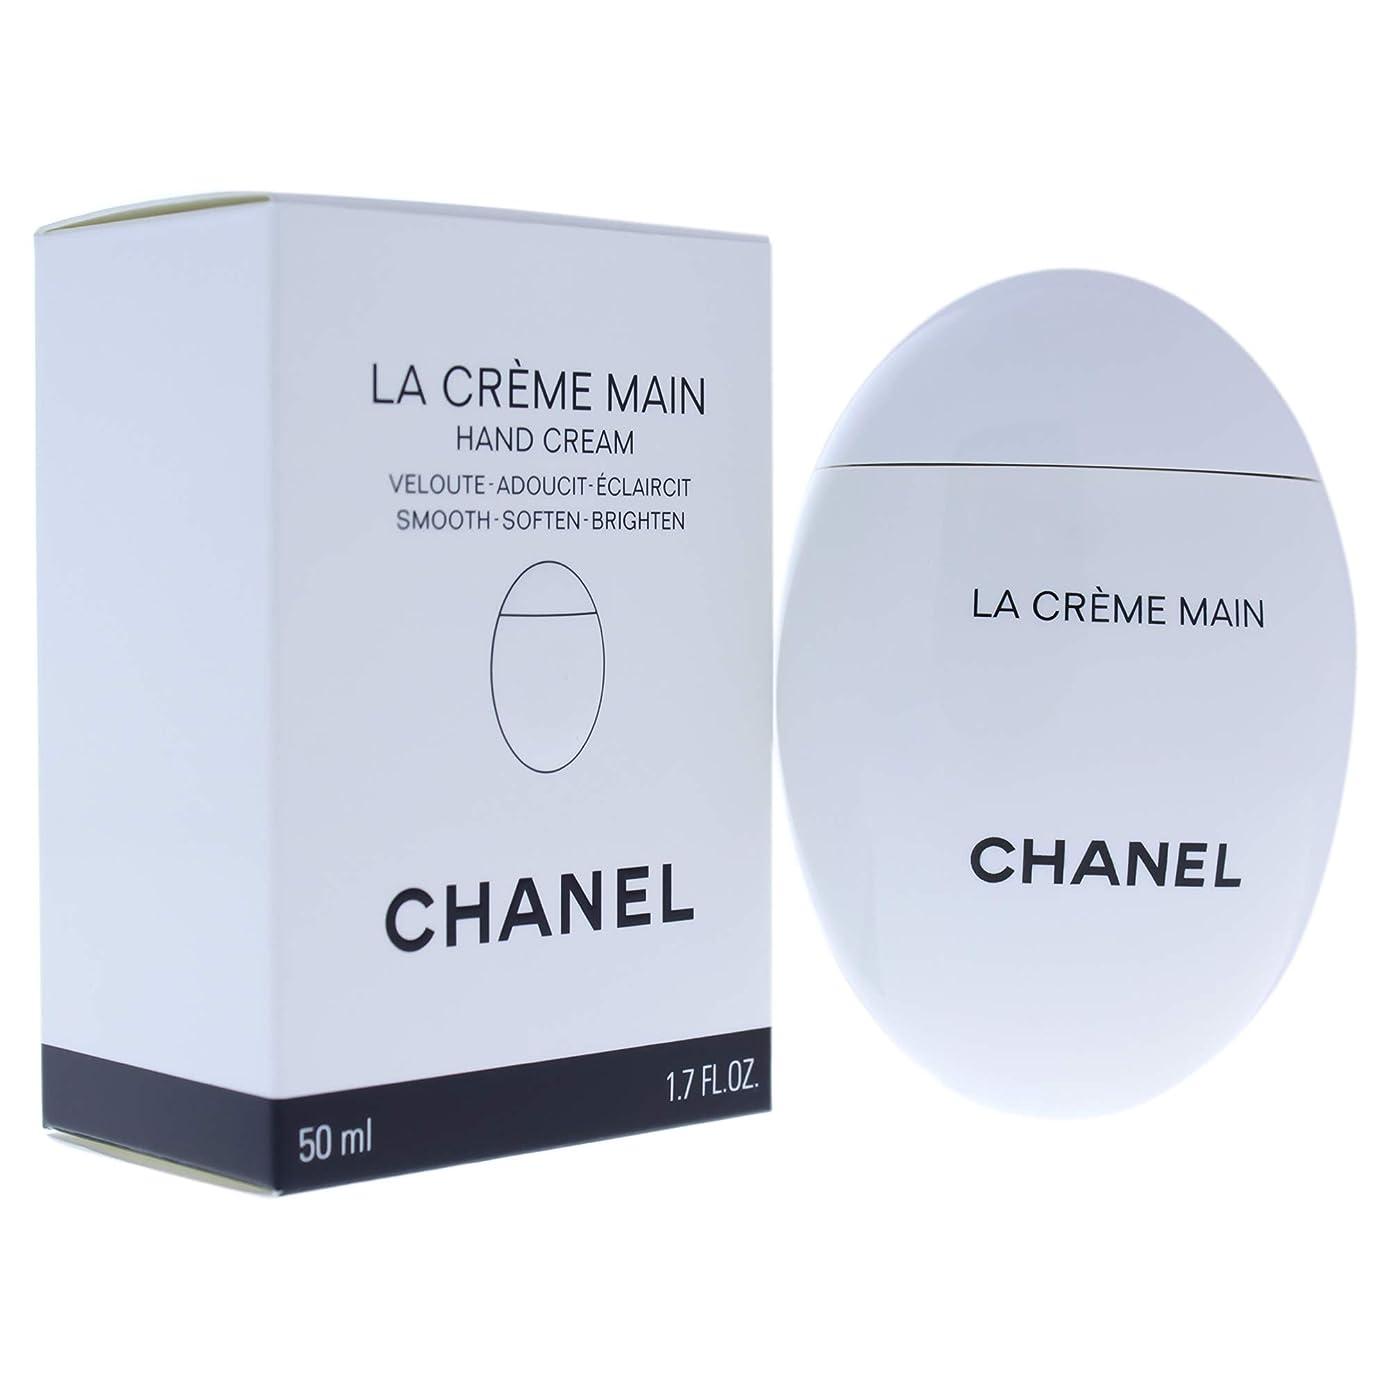 特性偽兄弟愛CHANEL LA CRèME MAIN シャネル ラ クレーム マン ハンドクリーム 50ml